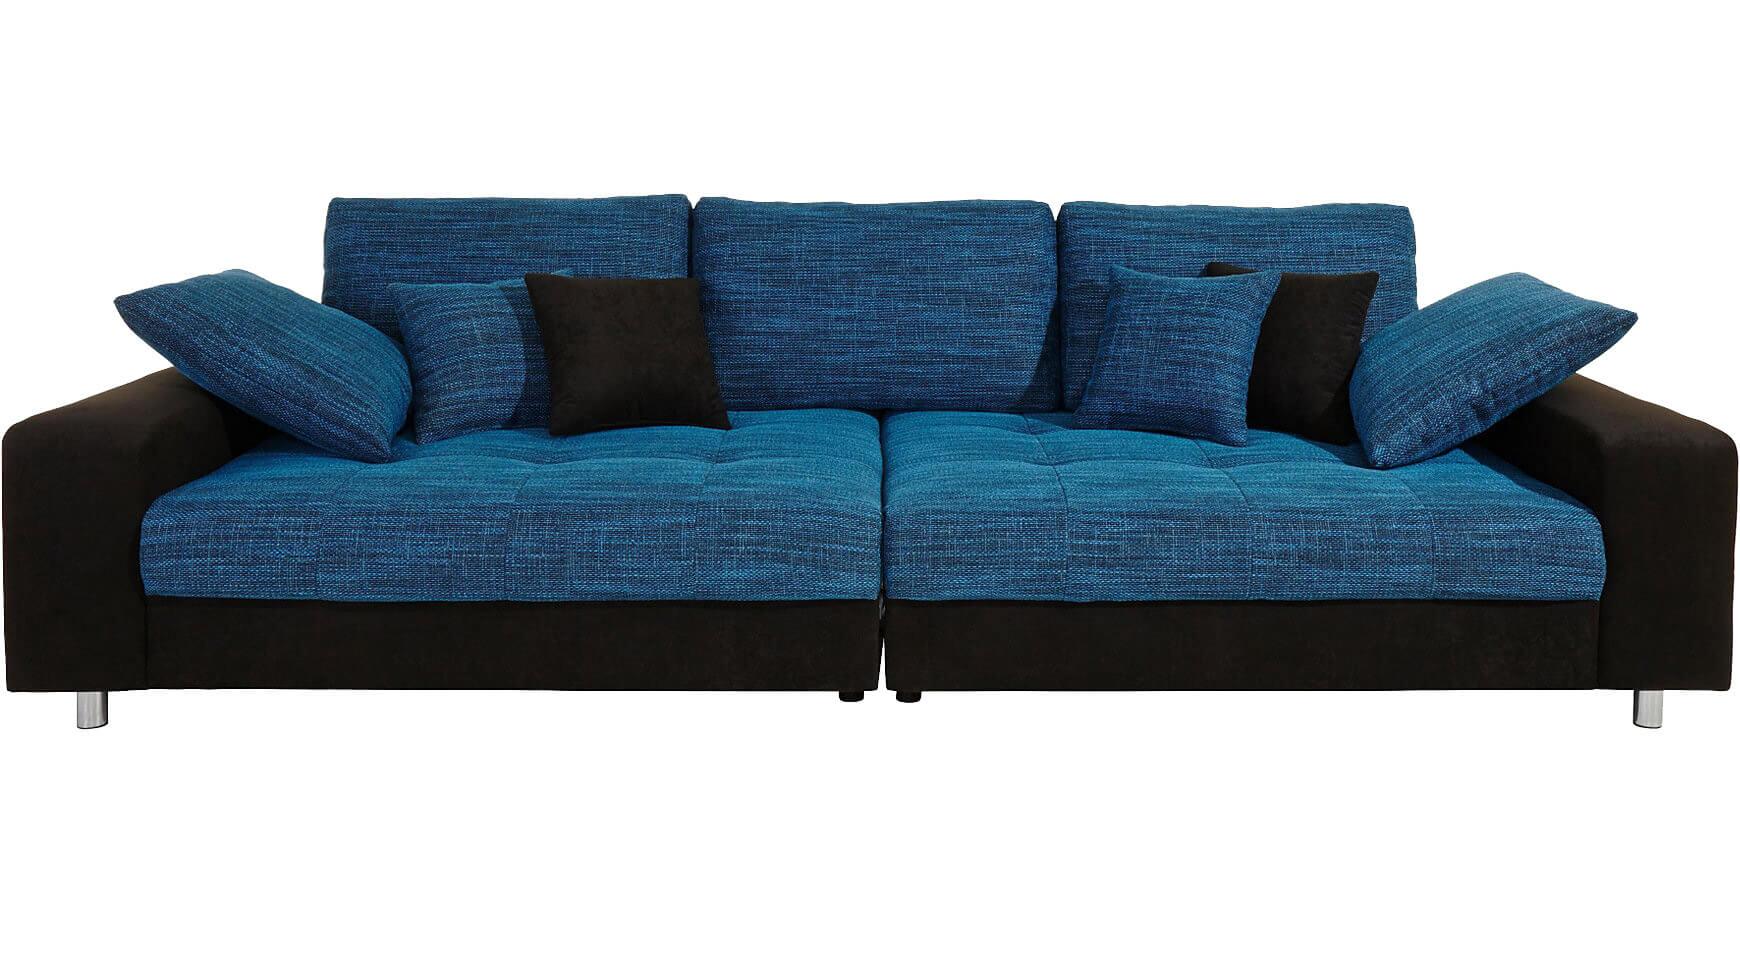 Full Size of Sofa Auf Raten Bestellen Kaufen Big Trotz Schufa Ratenkauf Couch Ohne Negativer Xxl Extragroe Sofas Bei Cnouchde Canape Günstiges Megapol Gebrauchte Küche Sofa Sofa Auf Raten